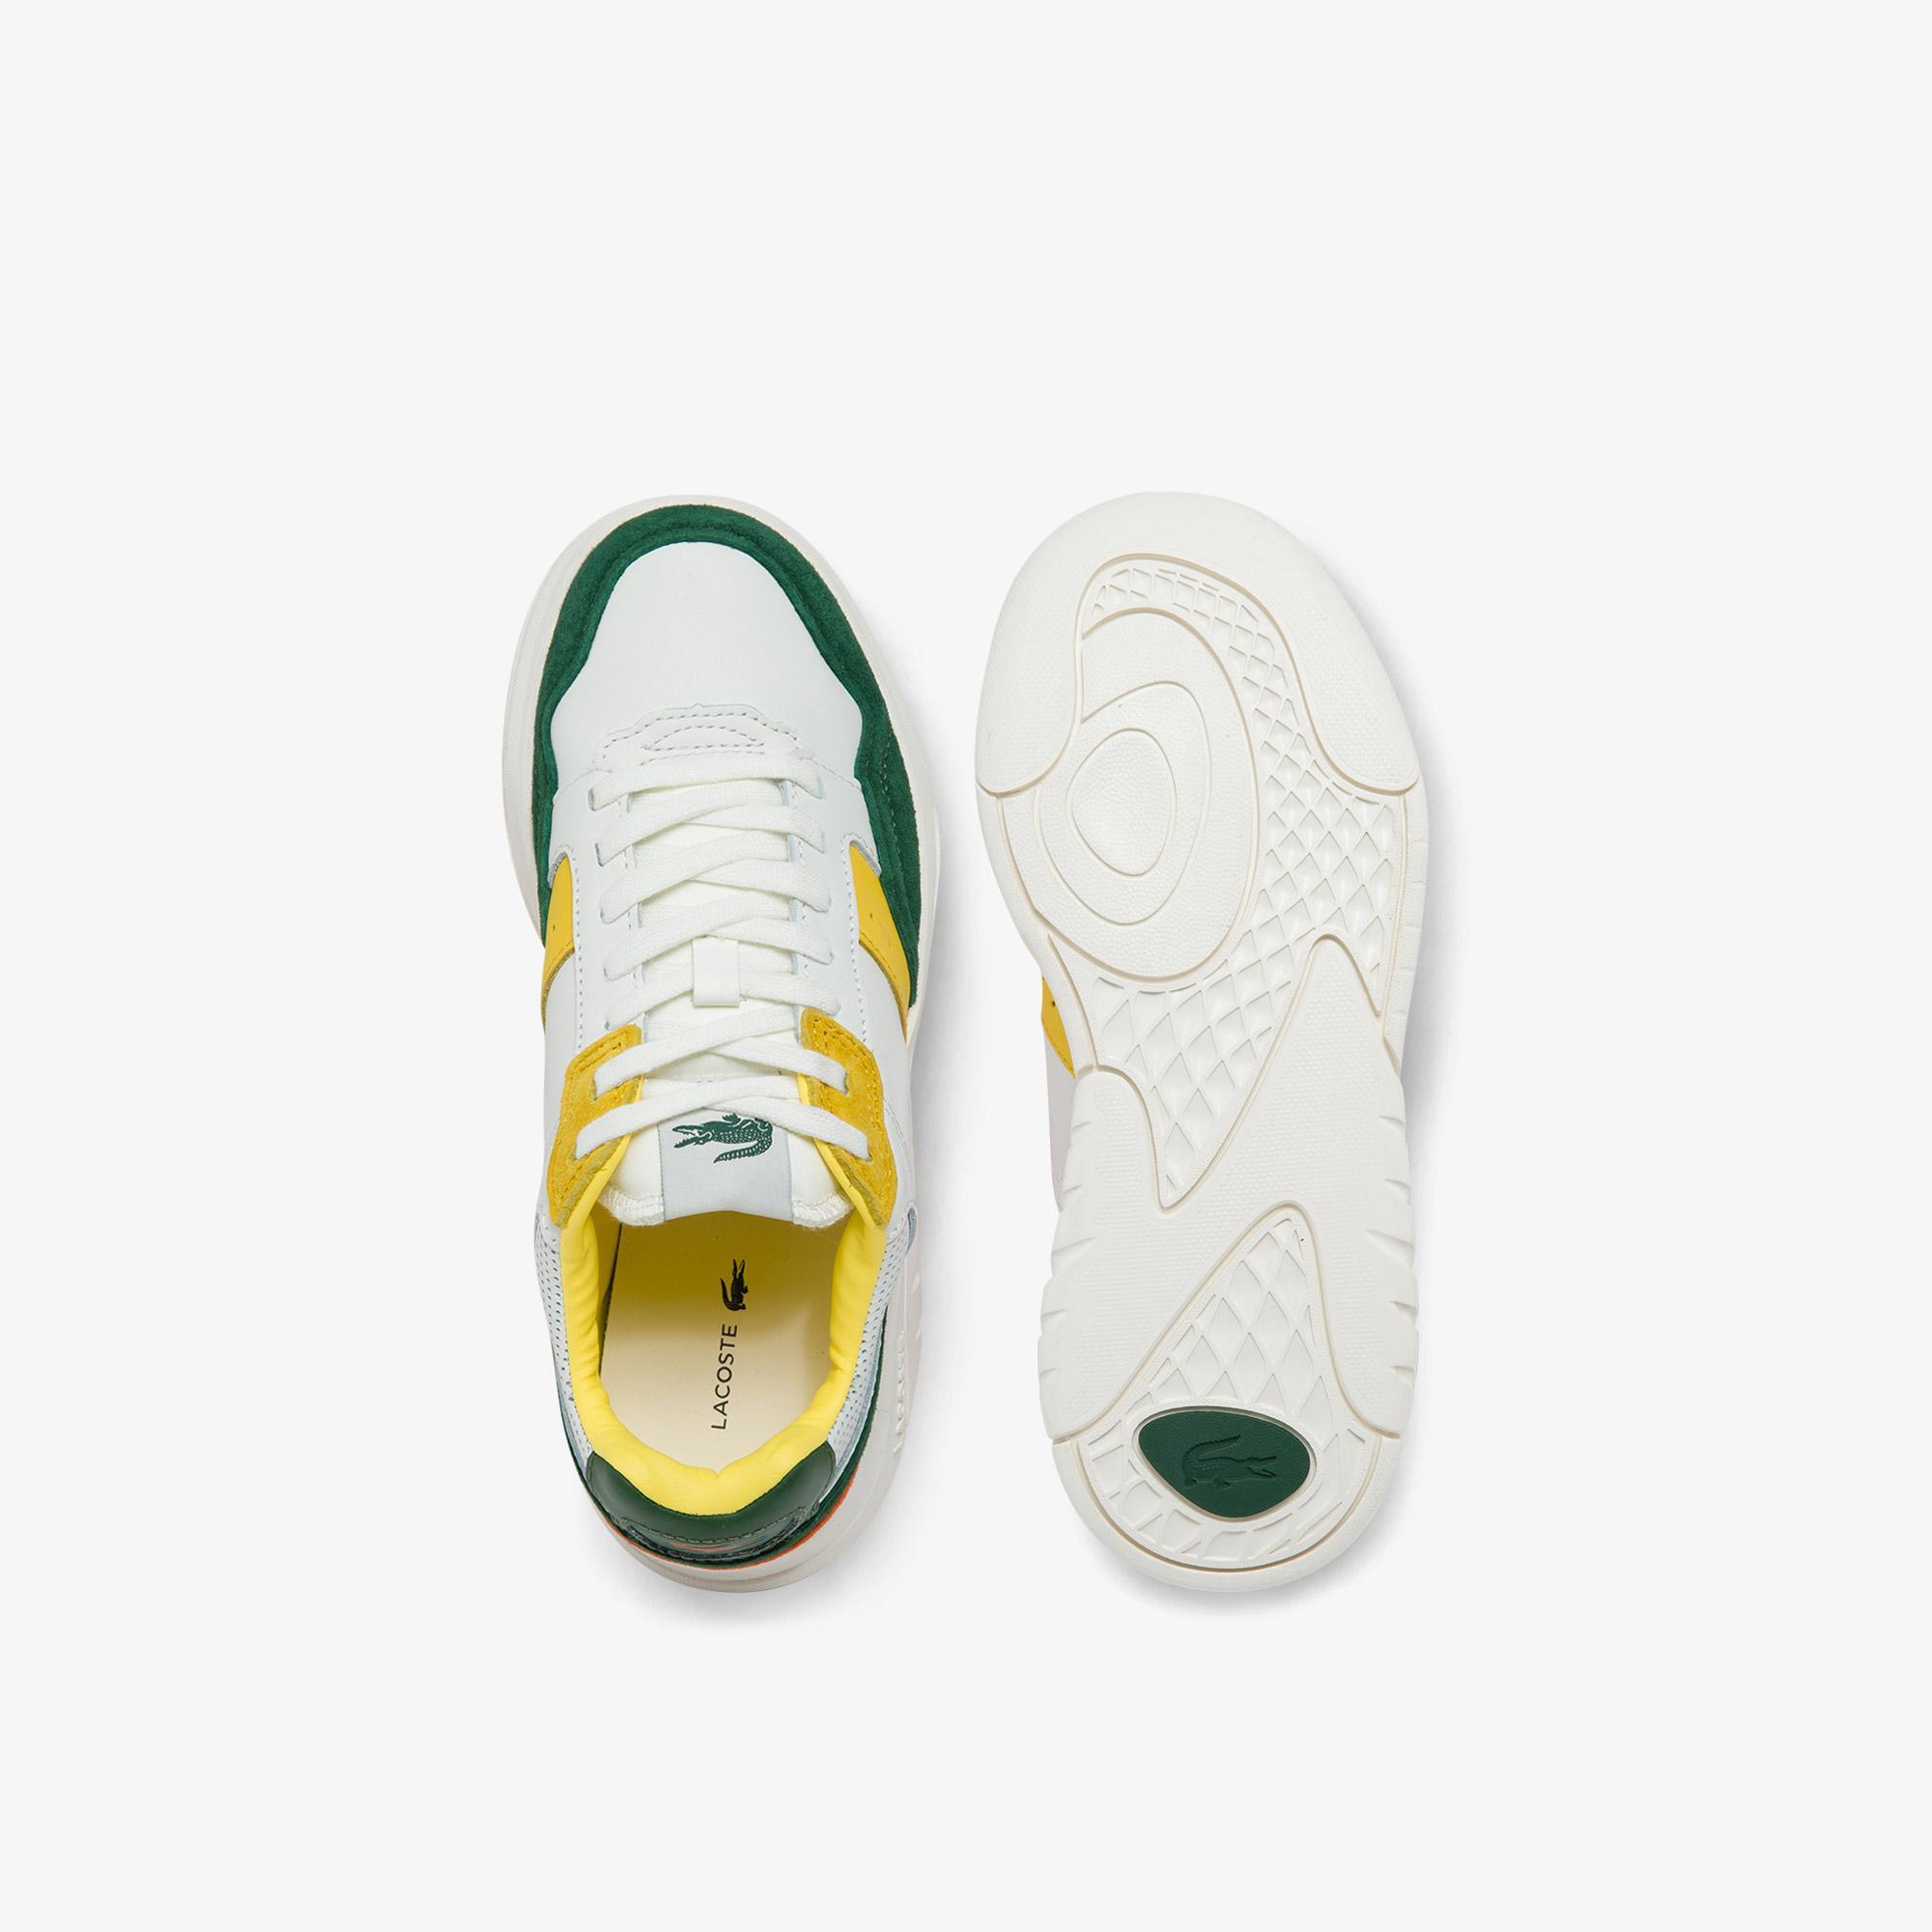 Lacoste Game Advance Luxe01214Sfa Kadın Deri Beyaz - Yeşil Sneaker